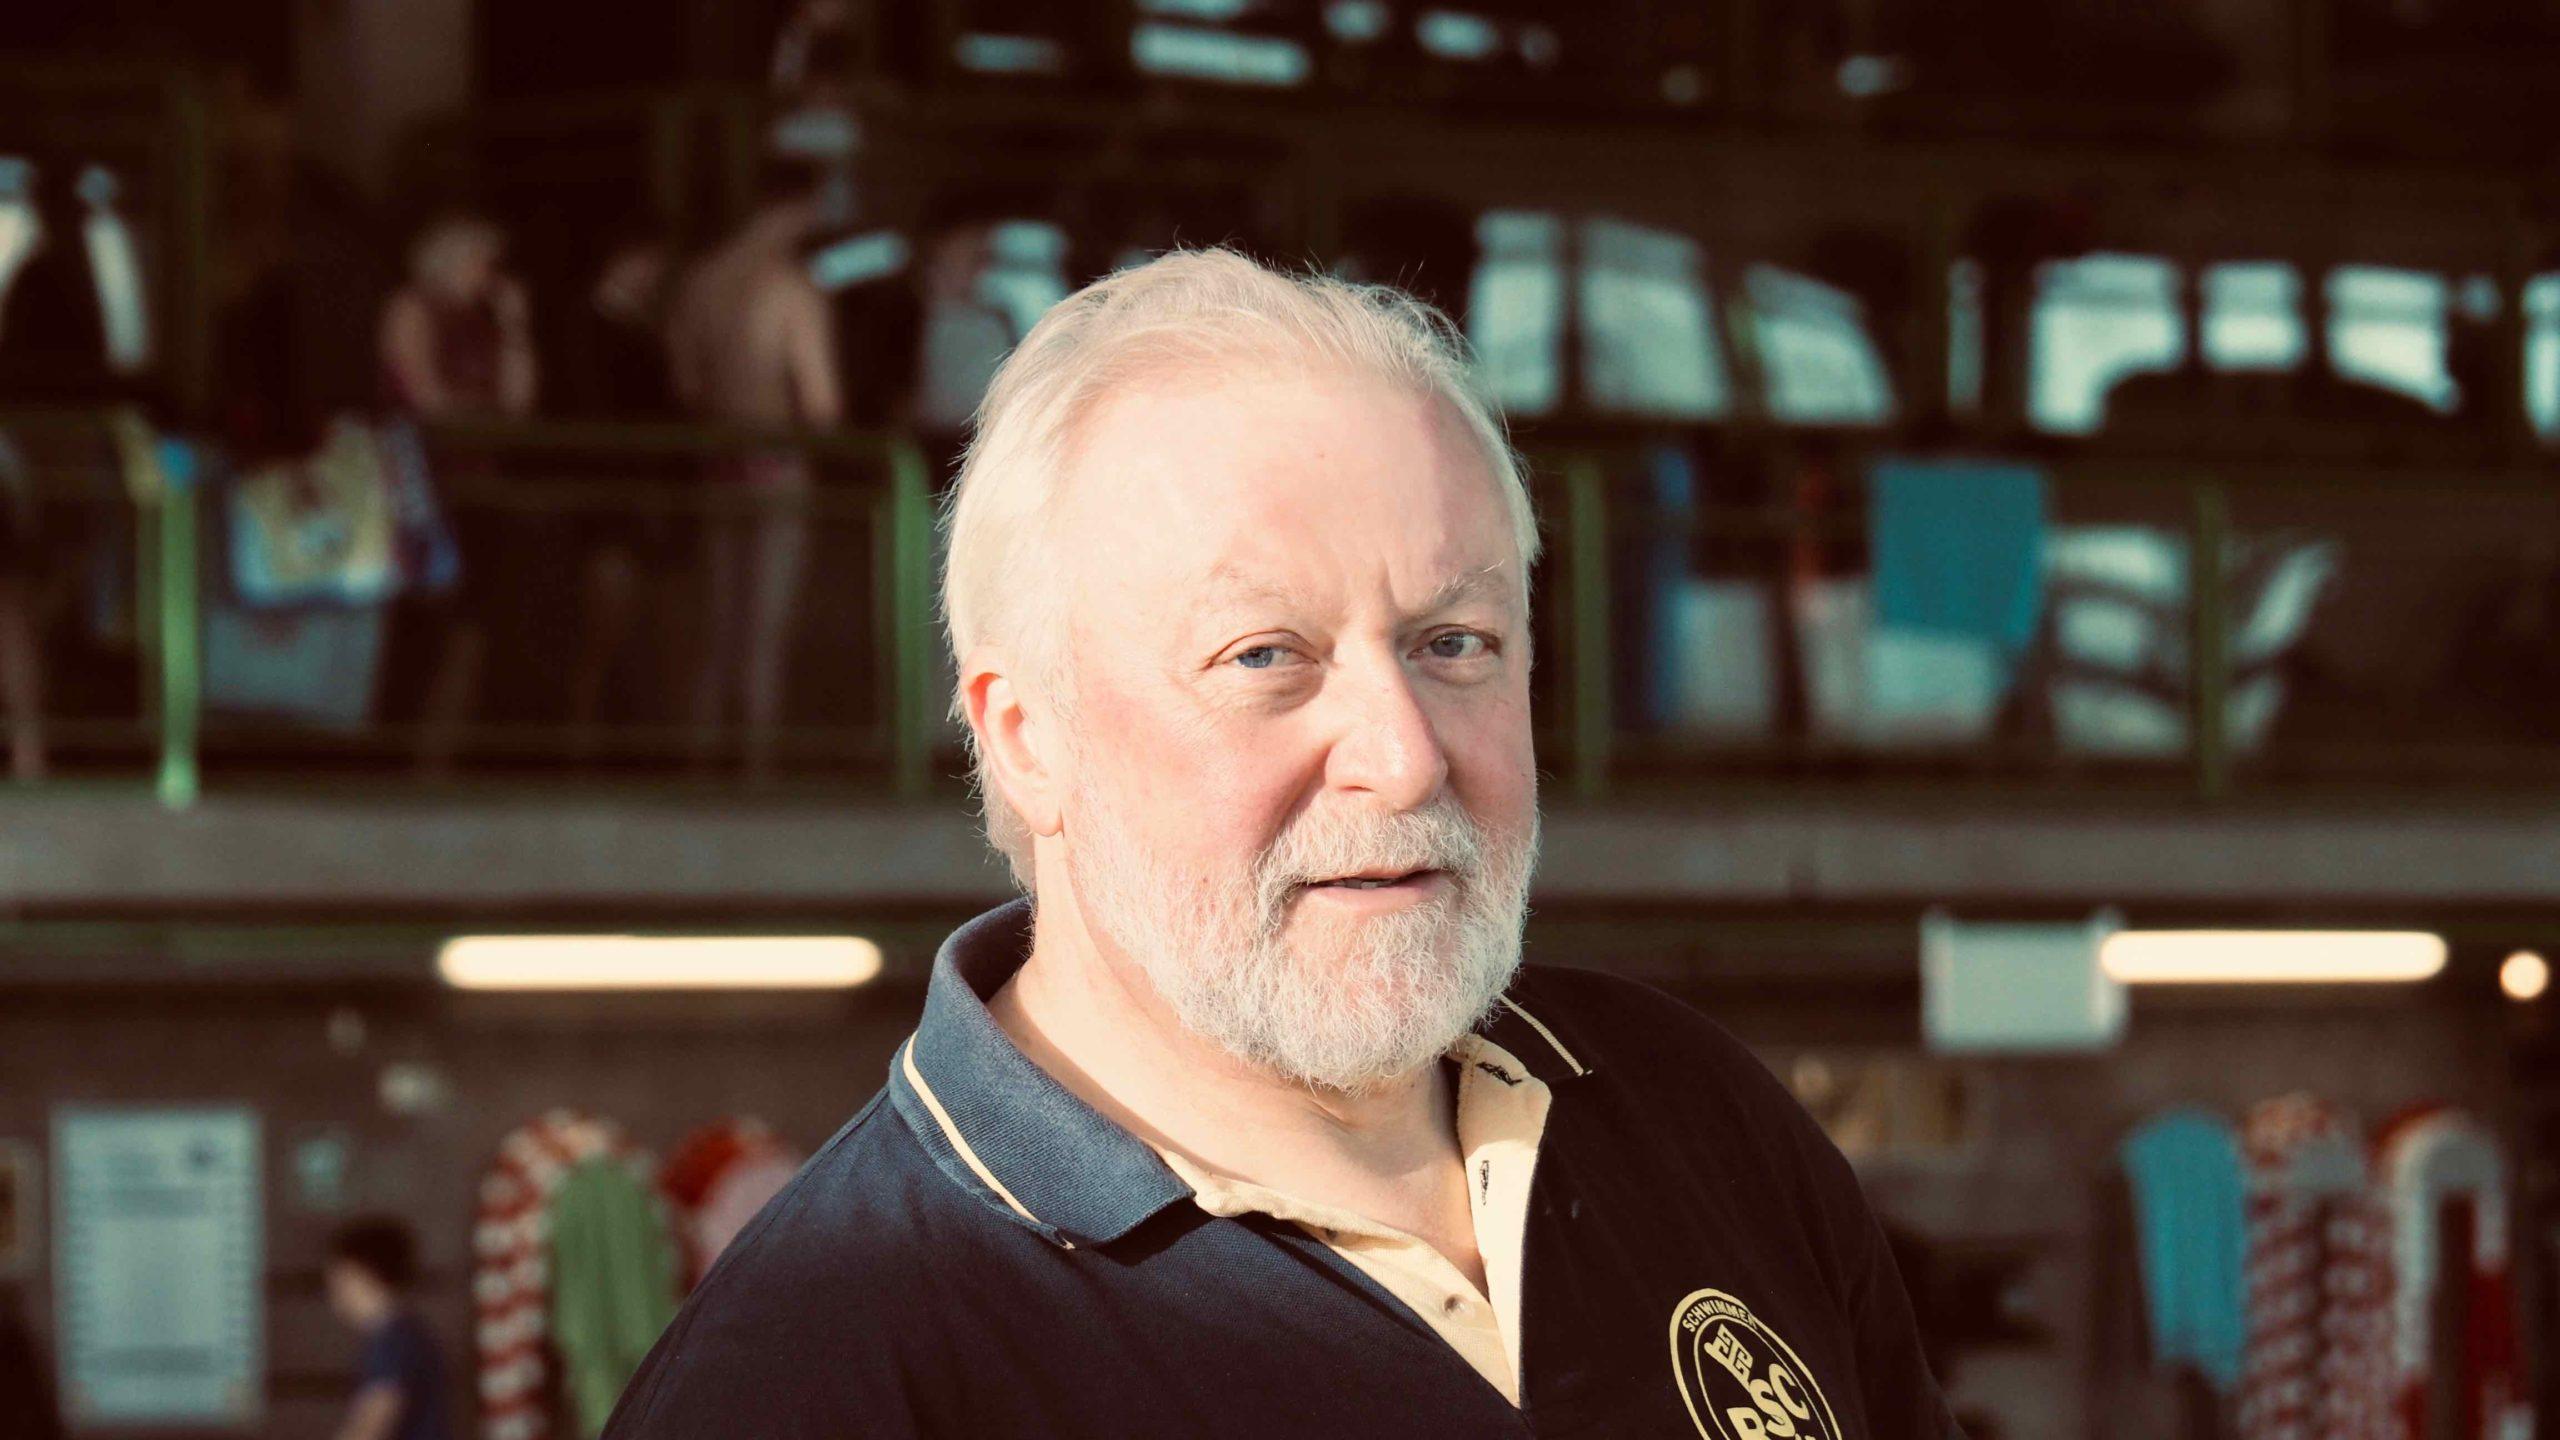 Wilfried Meier-Hansen